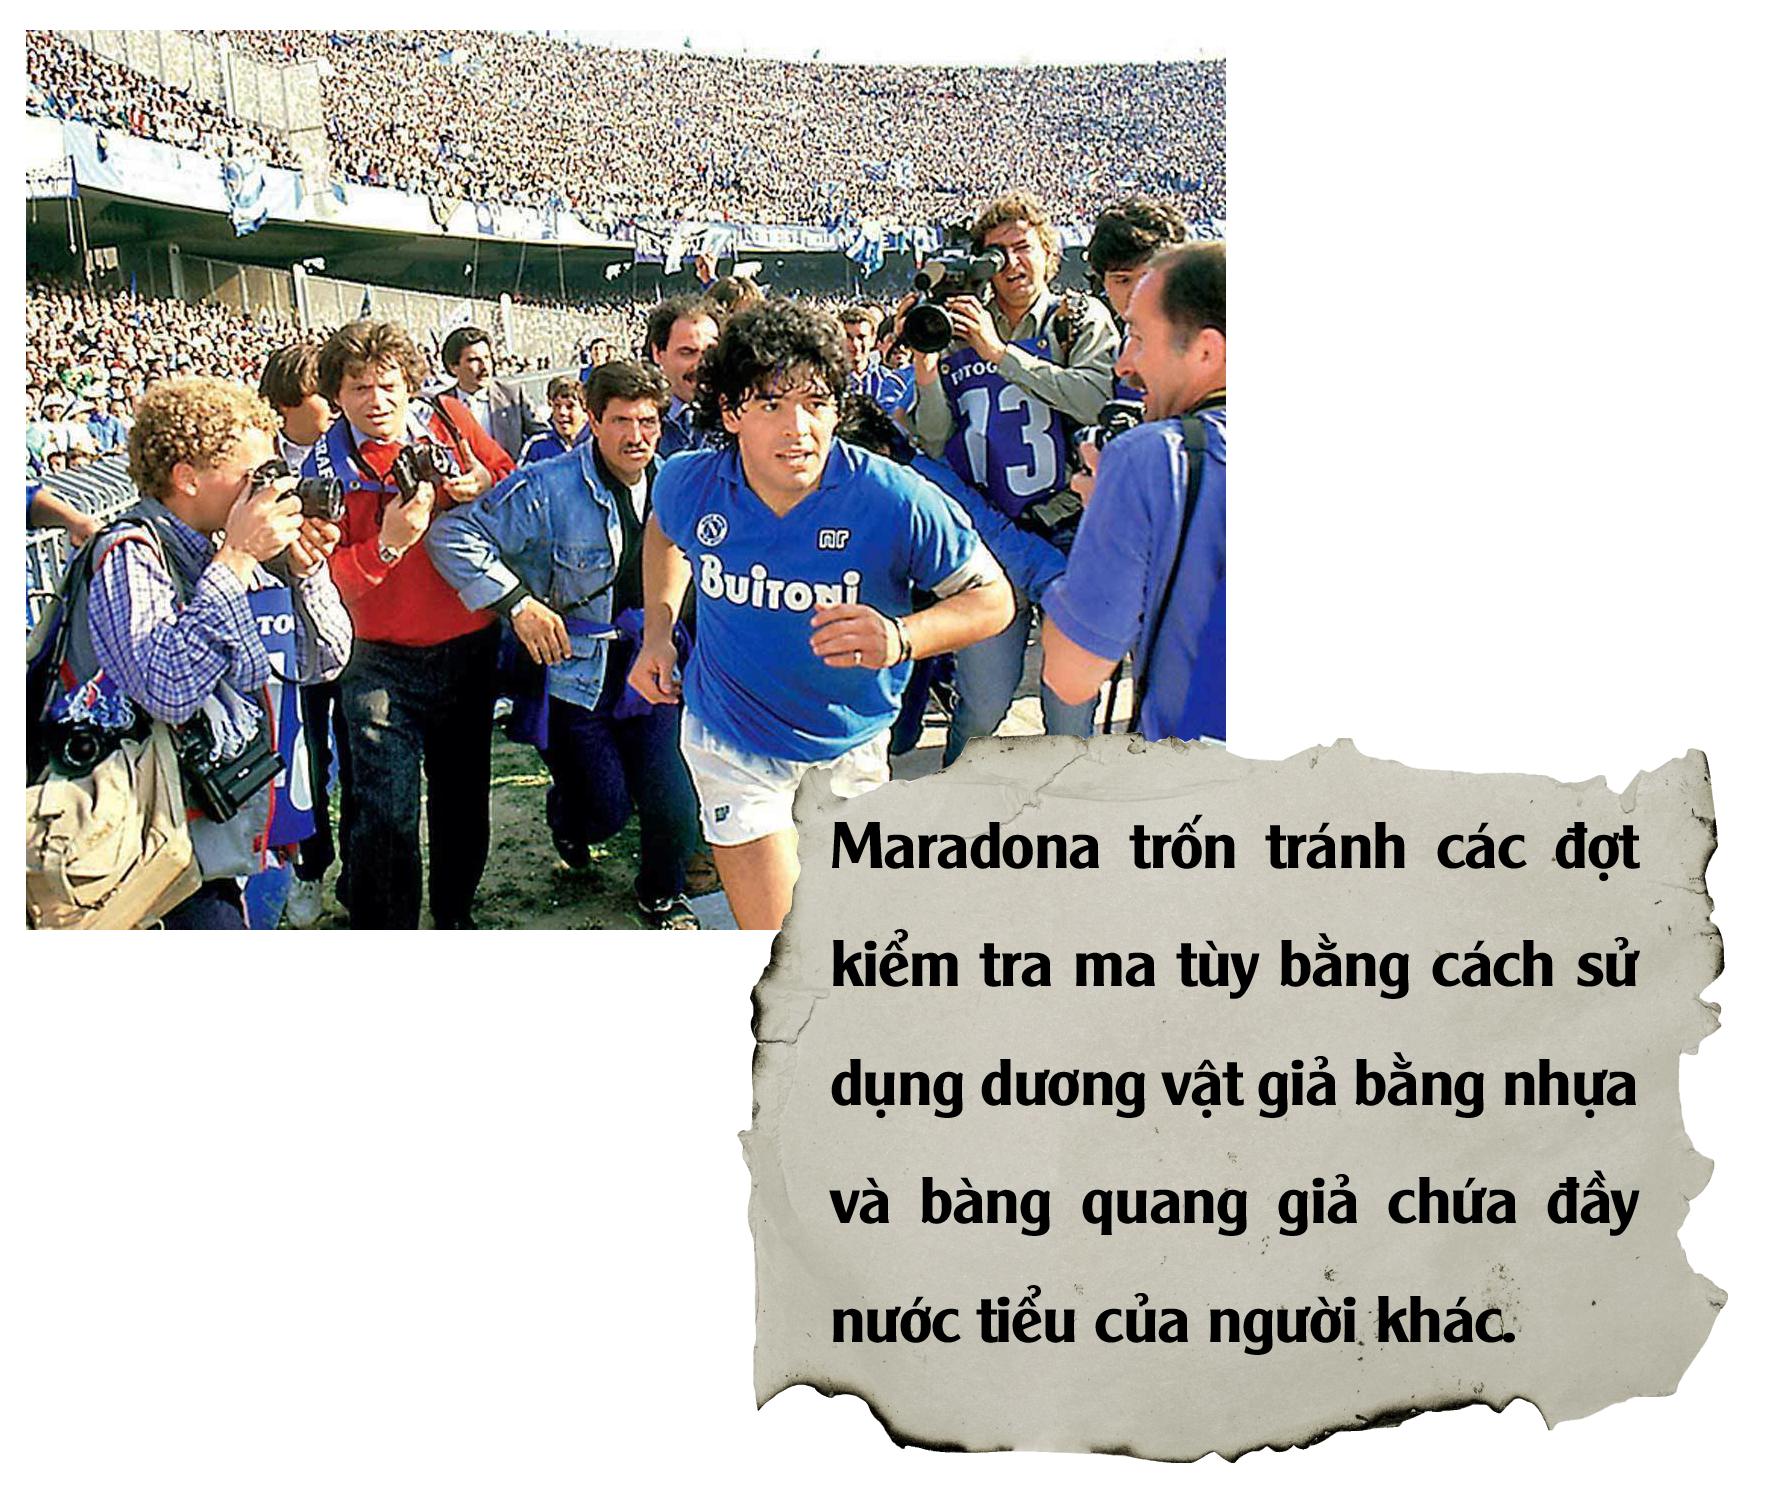 Diego Maradona: Vĩnh biệt vị lãnh tụ thiên tài ứng nghiệm từ lời tiên tri - Ảnh 12.